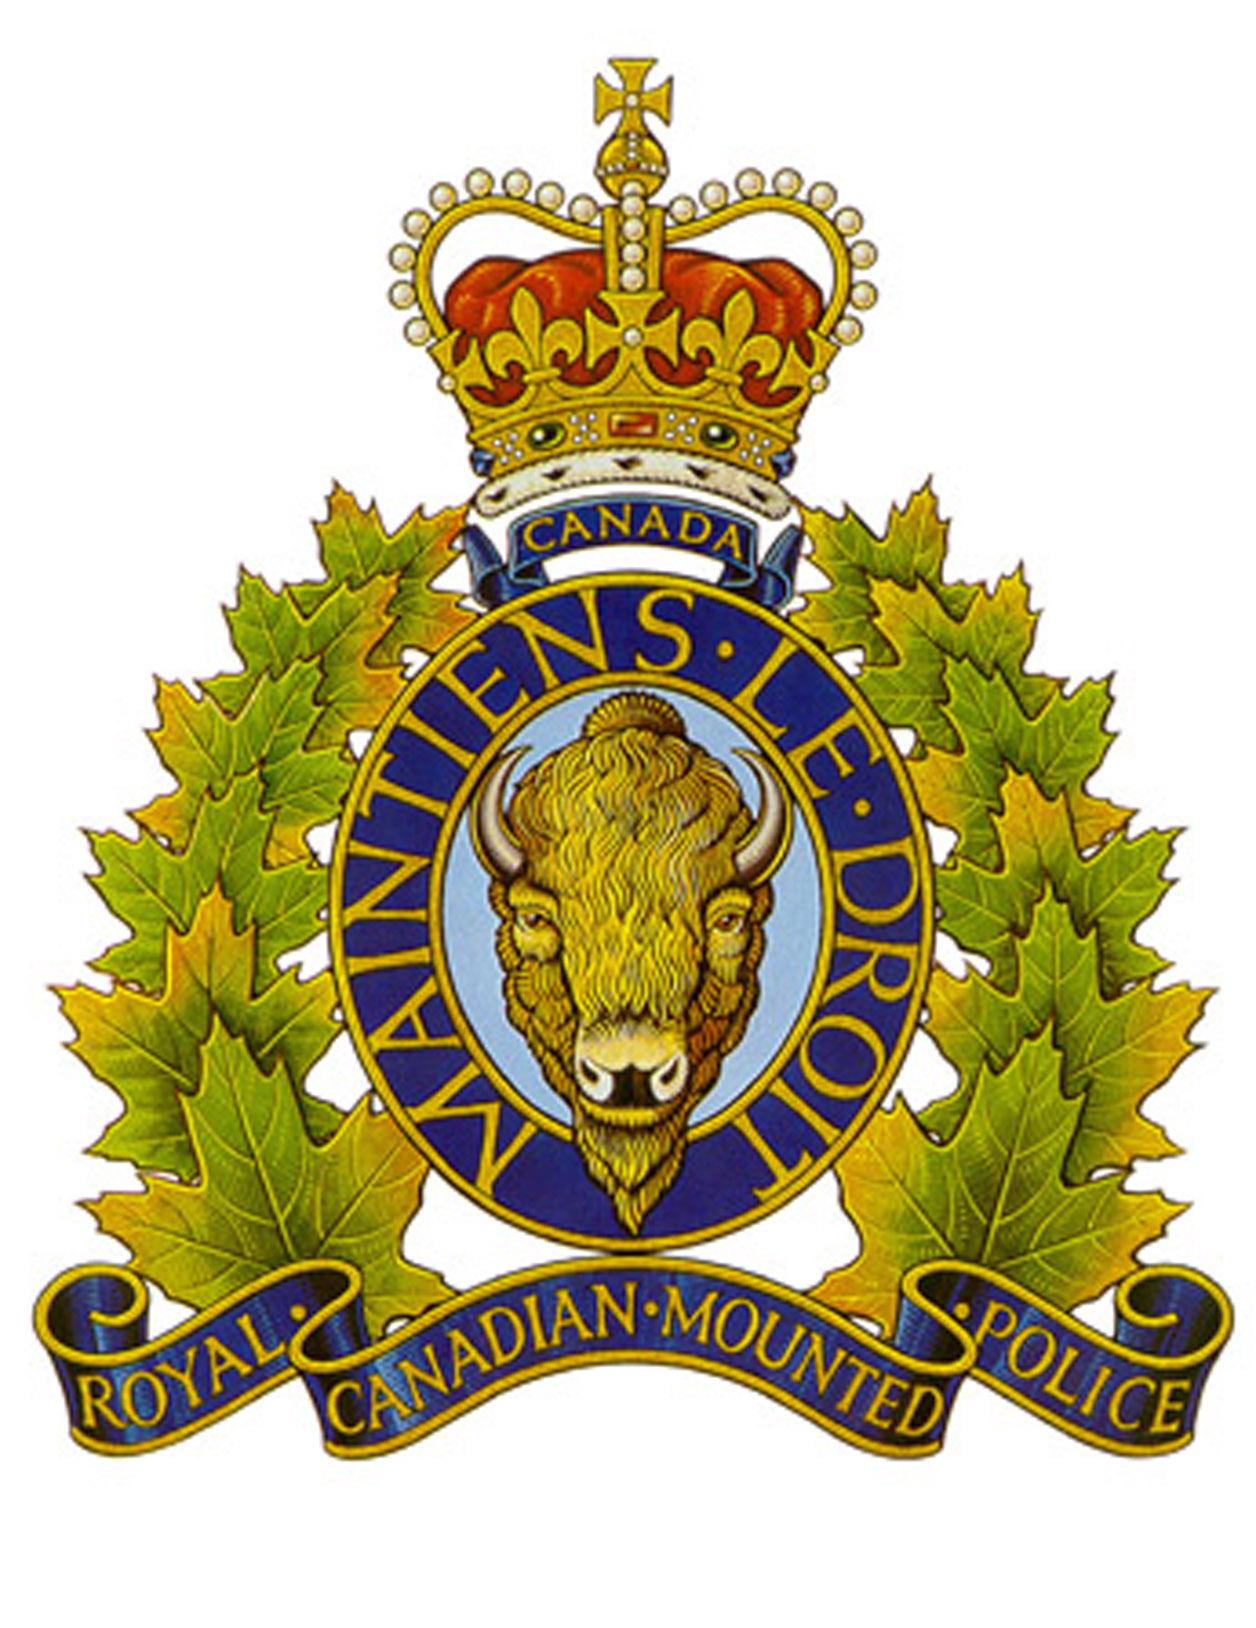 RCMP-Large.jpg